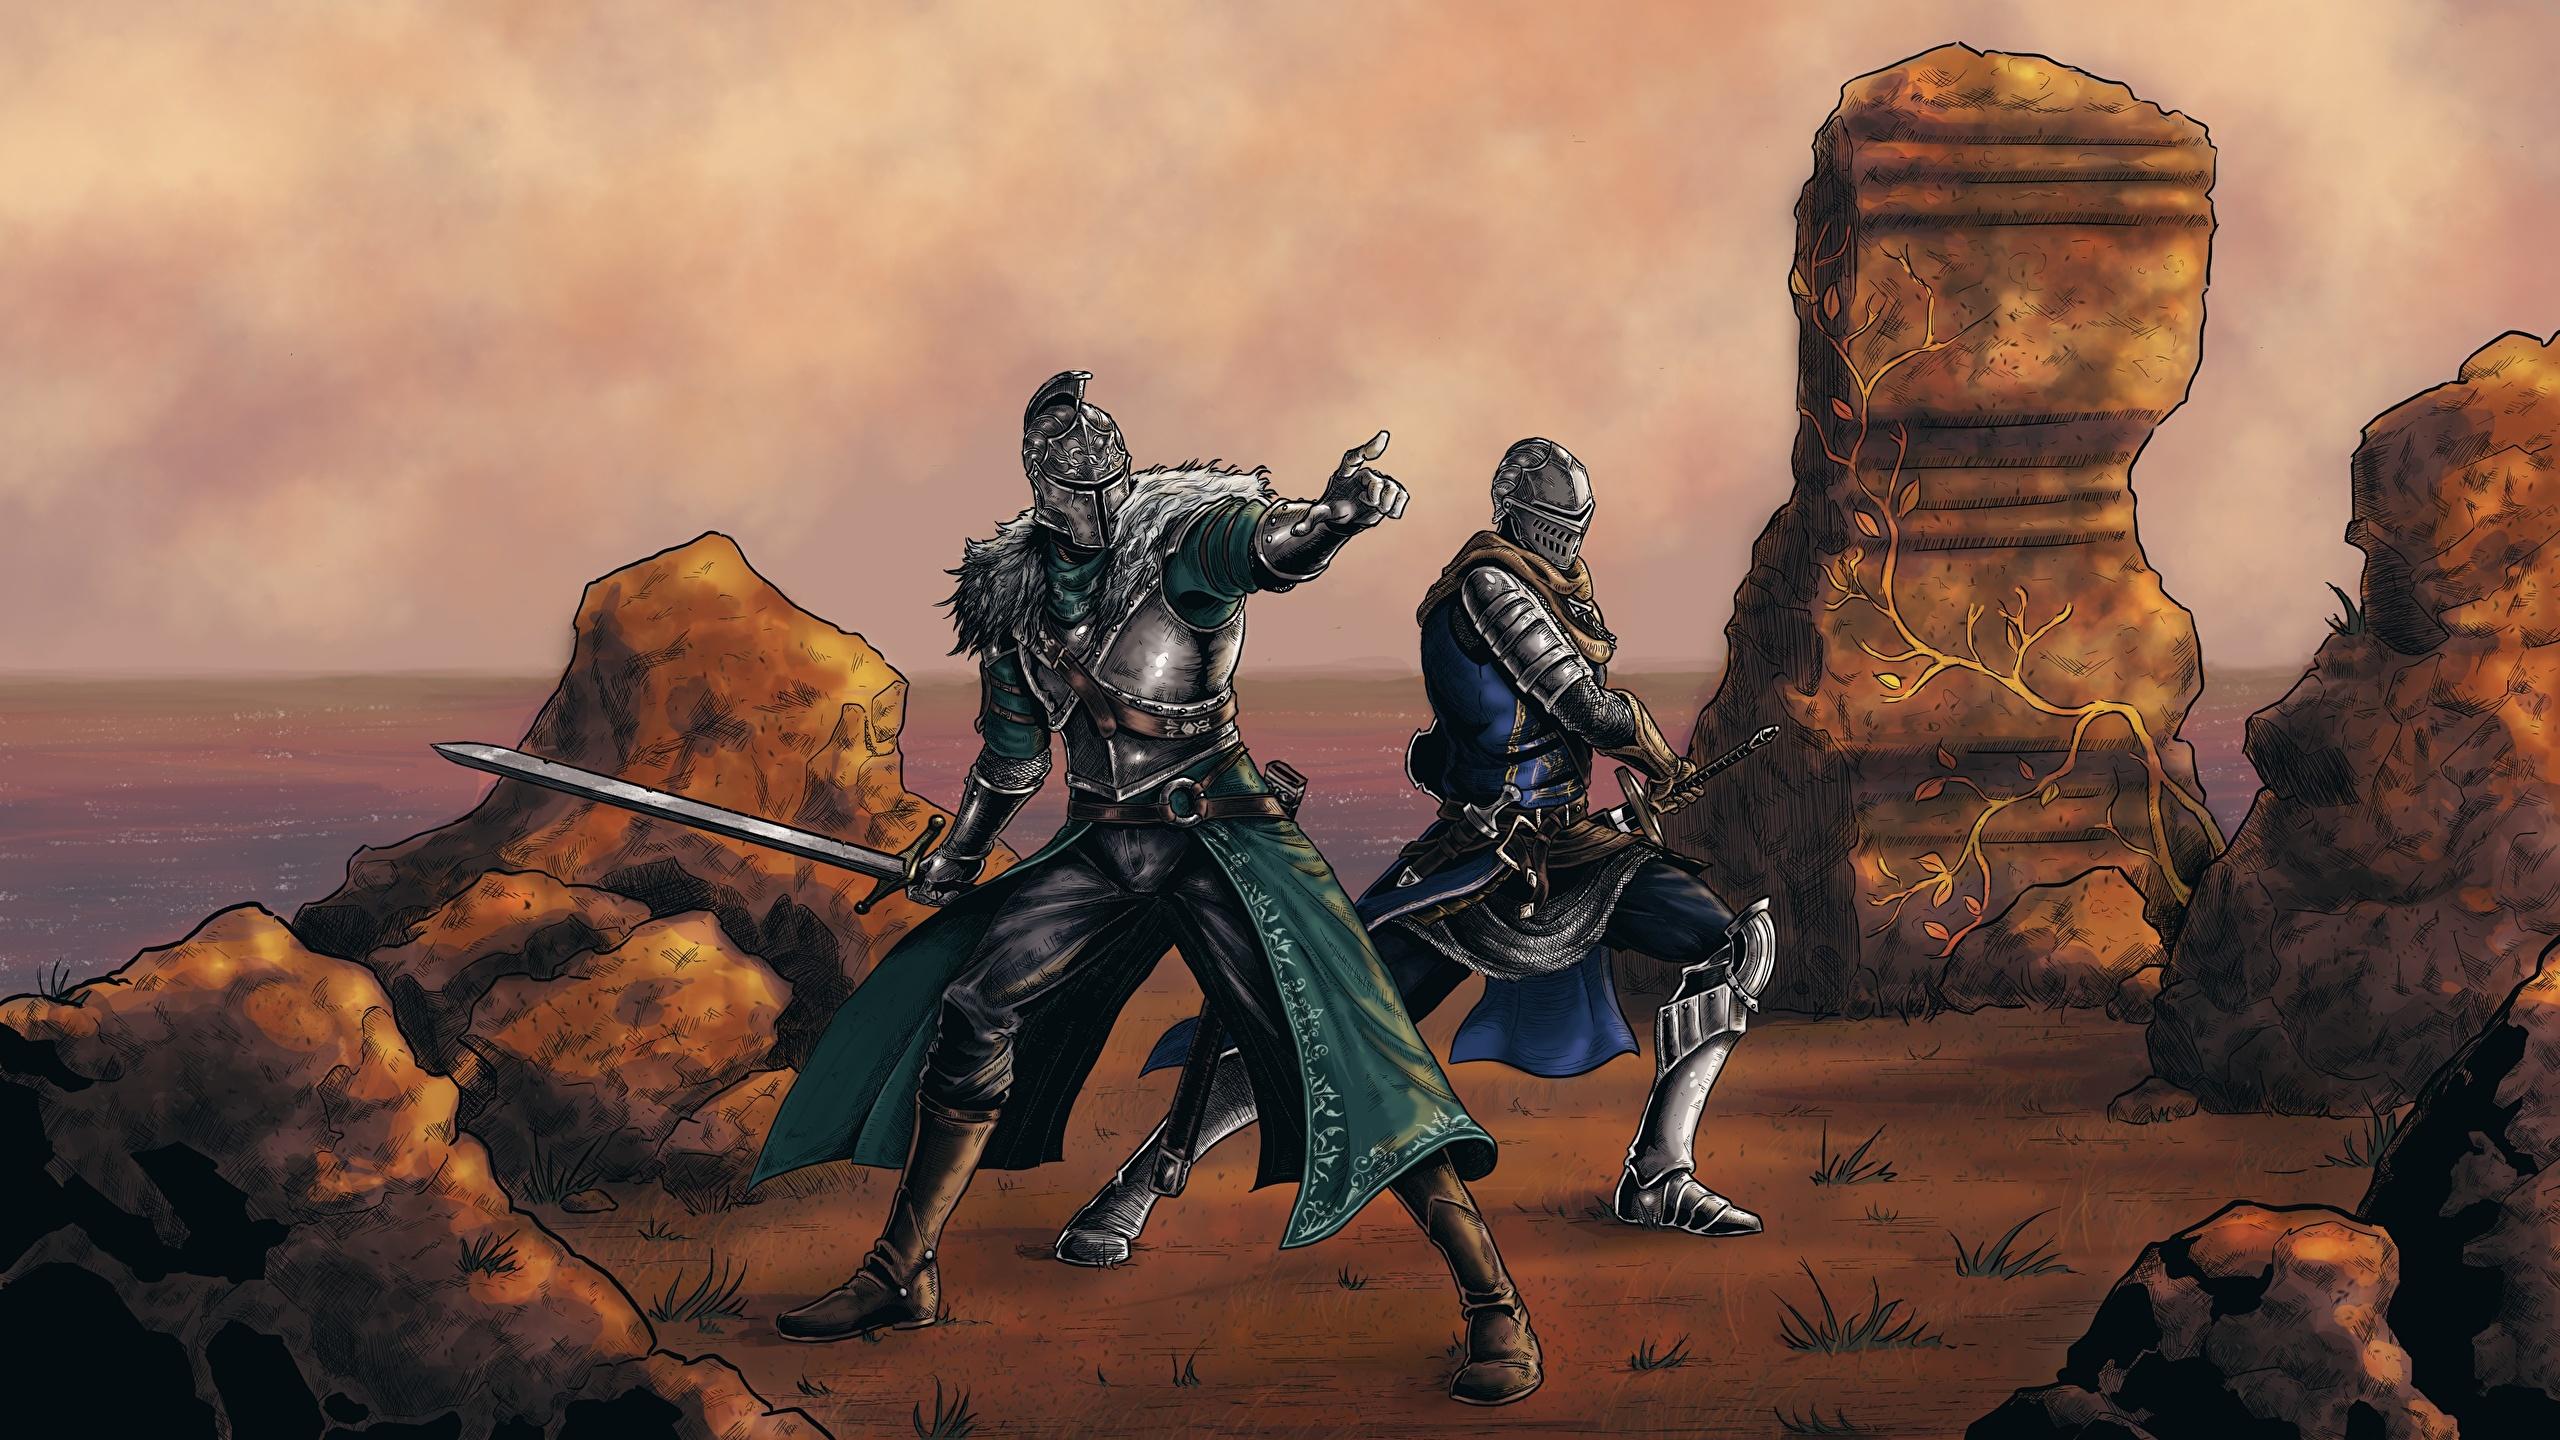 Desktop Wallpapers Fantasy Dark Souls Swords Knight 2560x1440